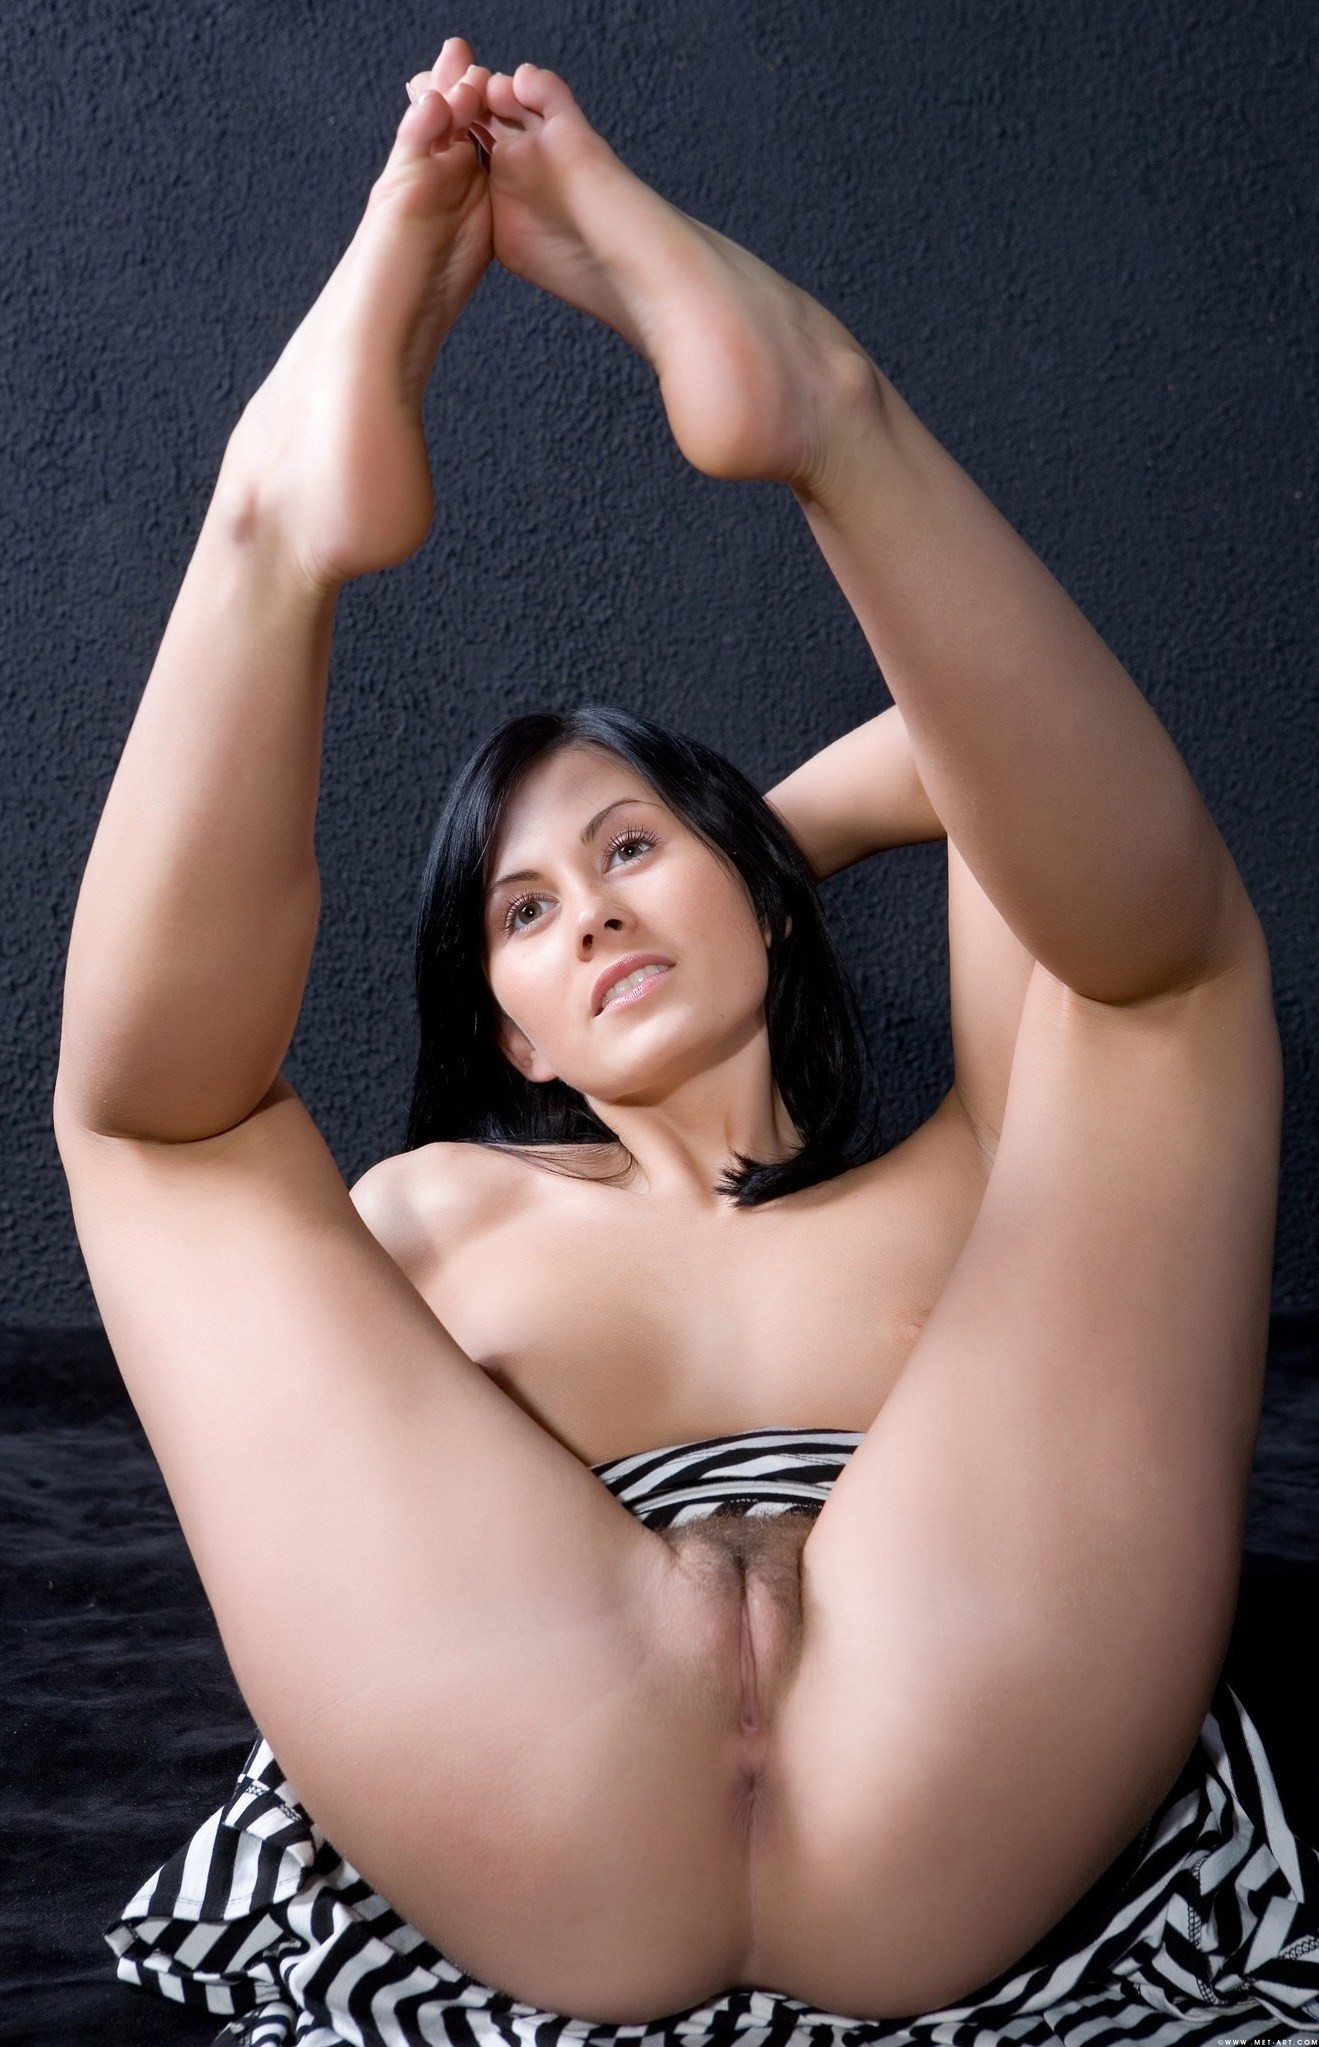 Задрав ножки, гибкие телки показывают дырочки - компиляция 19